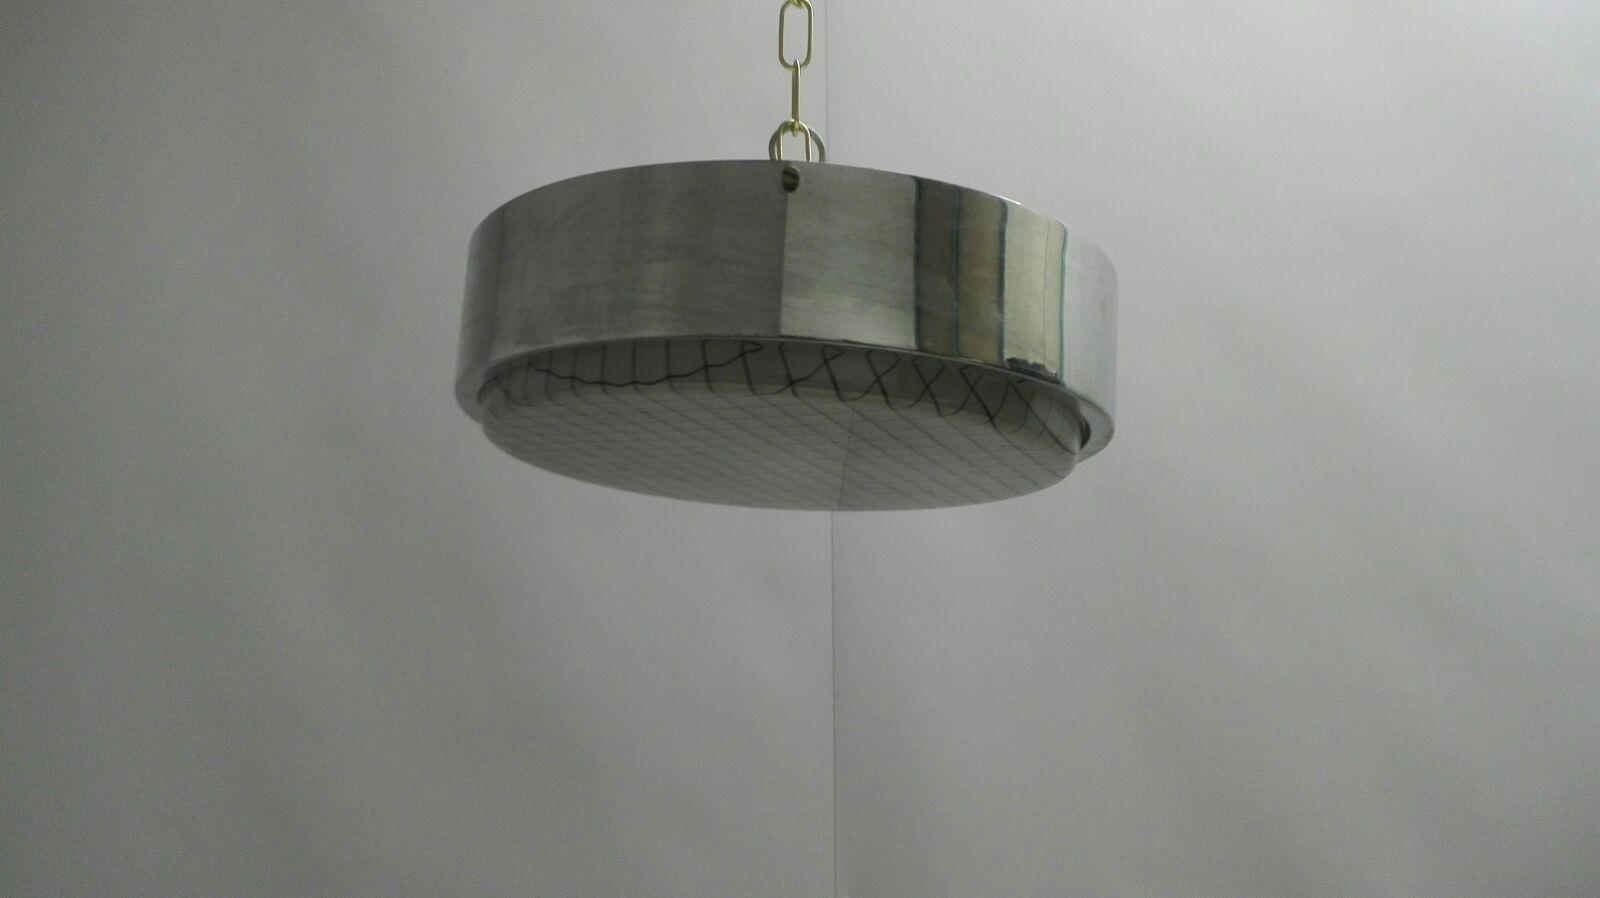 italienische deckenlampe 1980er bei pamono kaufen. Black Bedroom Furniture Sets. Home Design Ideas